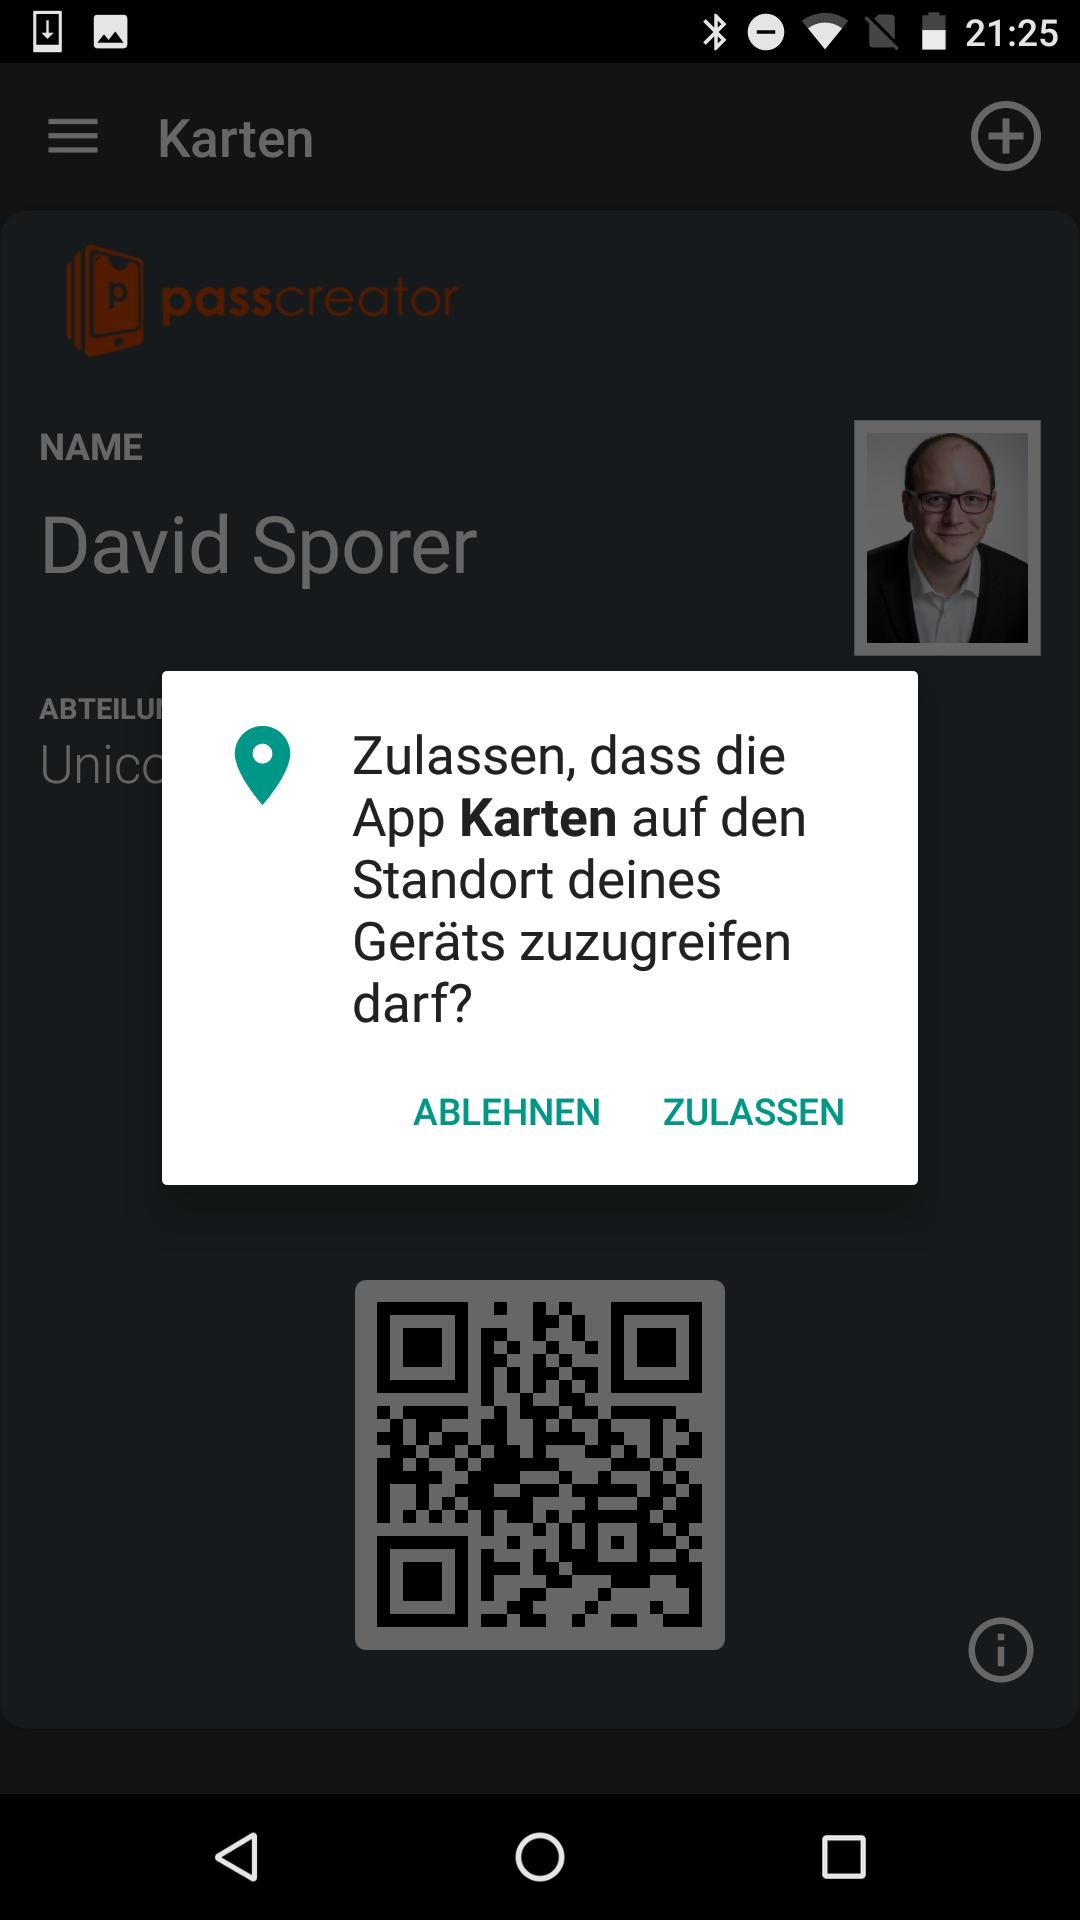 Android Wallet Passes App: Zugriff auf Standort erlauben